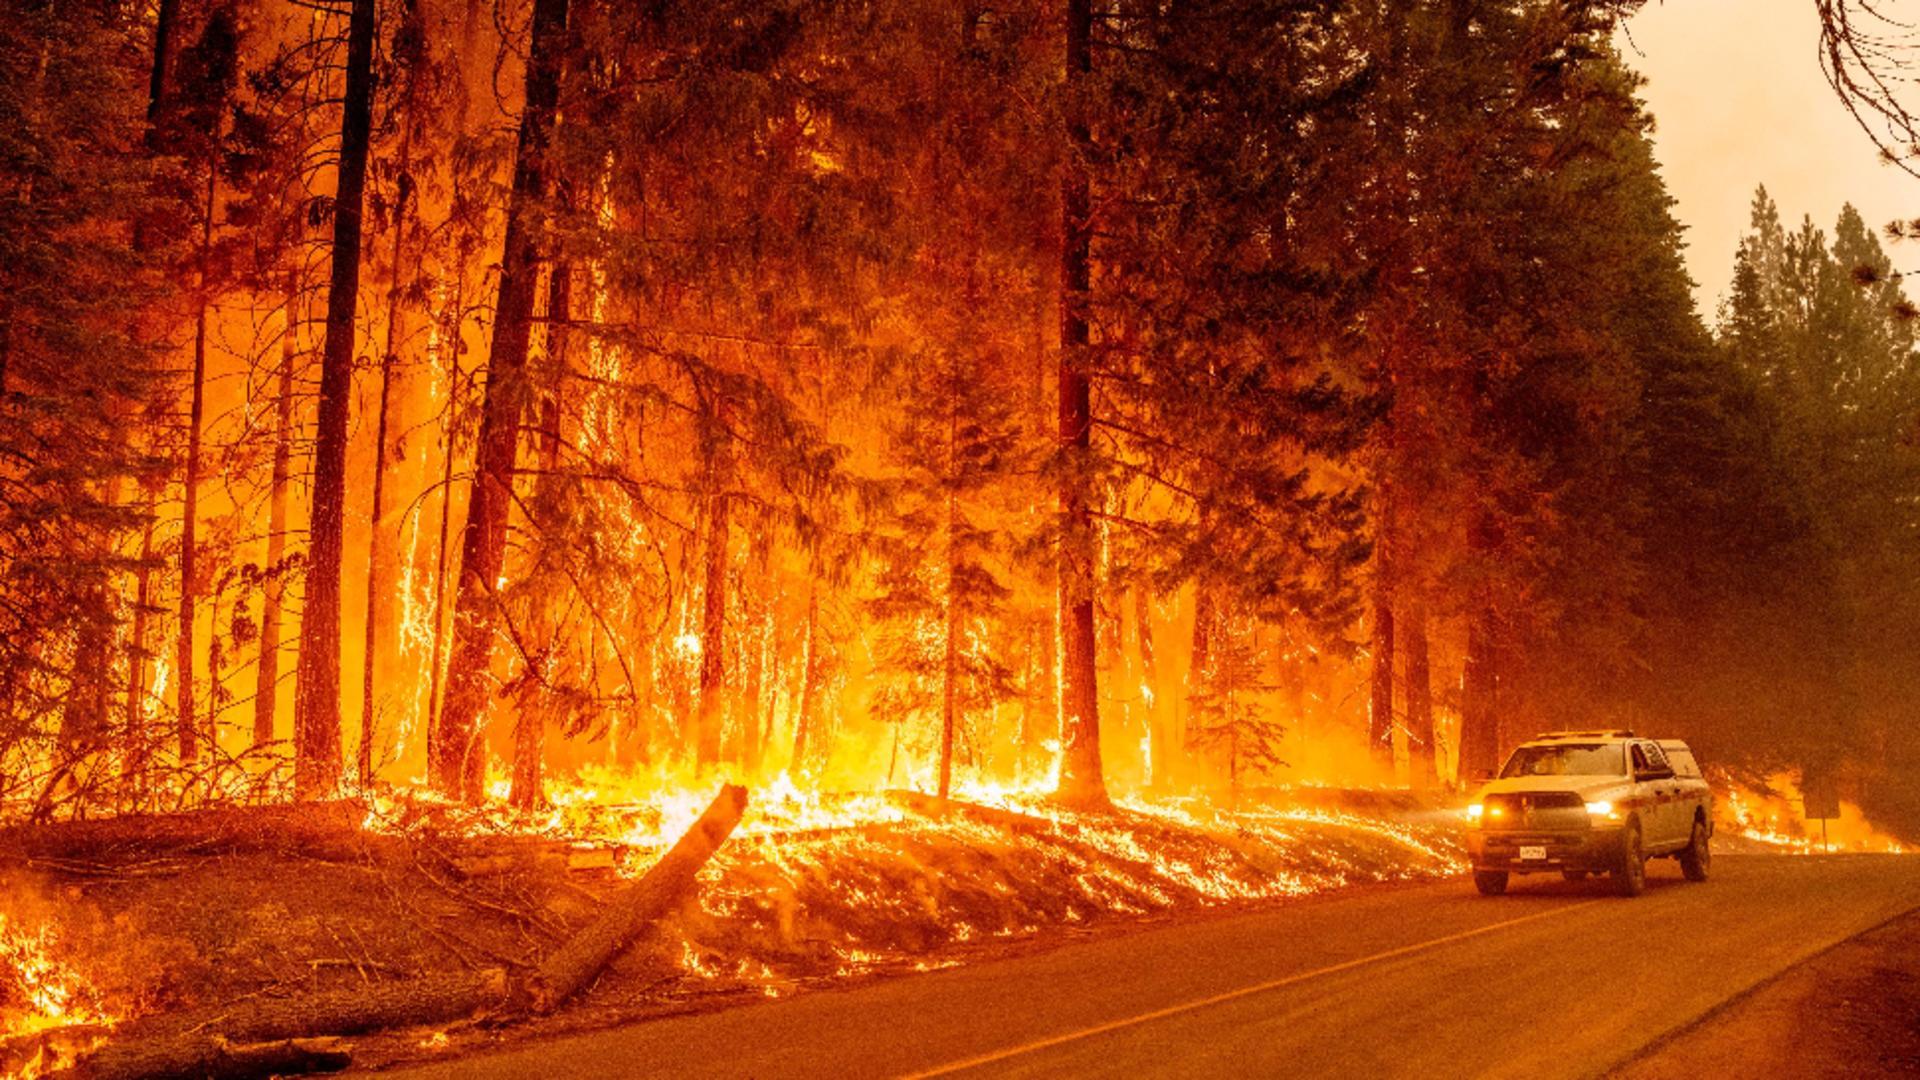 Flăcările au devenit ameninţătoare, în ciuda ameliorării condiţiilor meteorologice / Foto: Profi Media